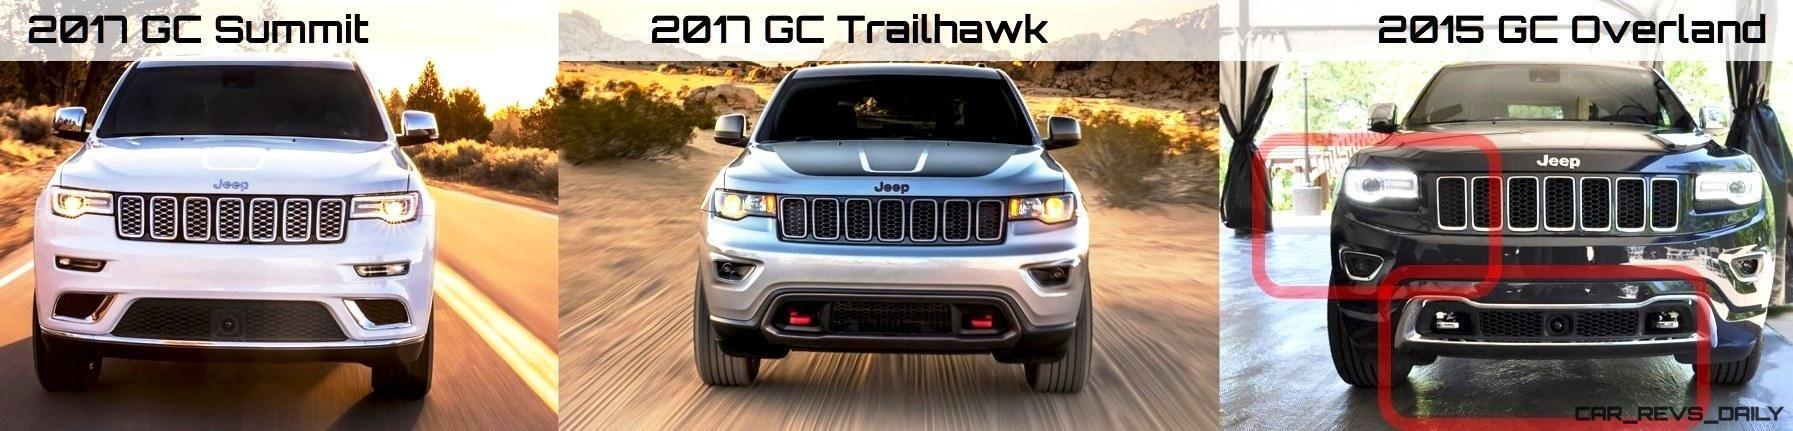 Great Jeep Grand Cherokee Overland Vs Summit Jeep Http Ift Tt 2bl6wwj